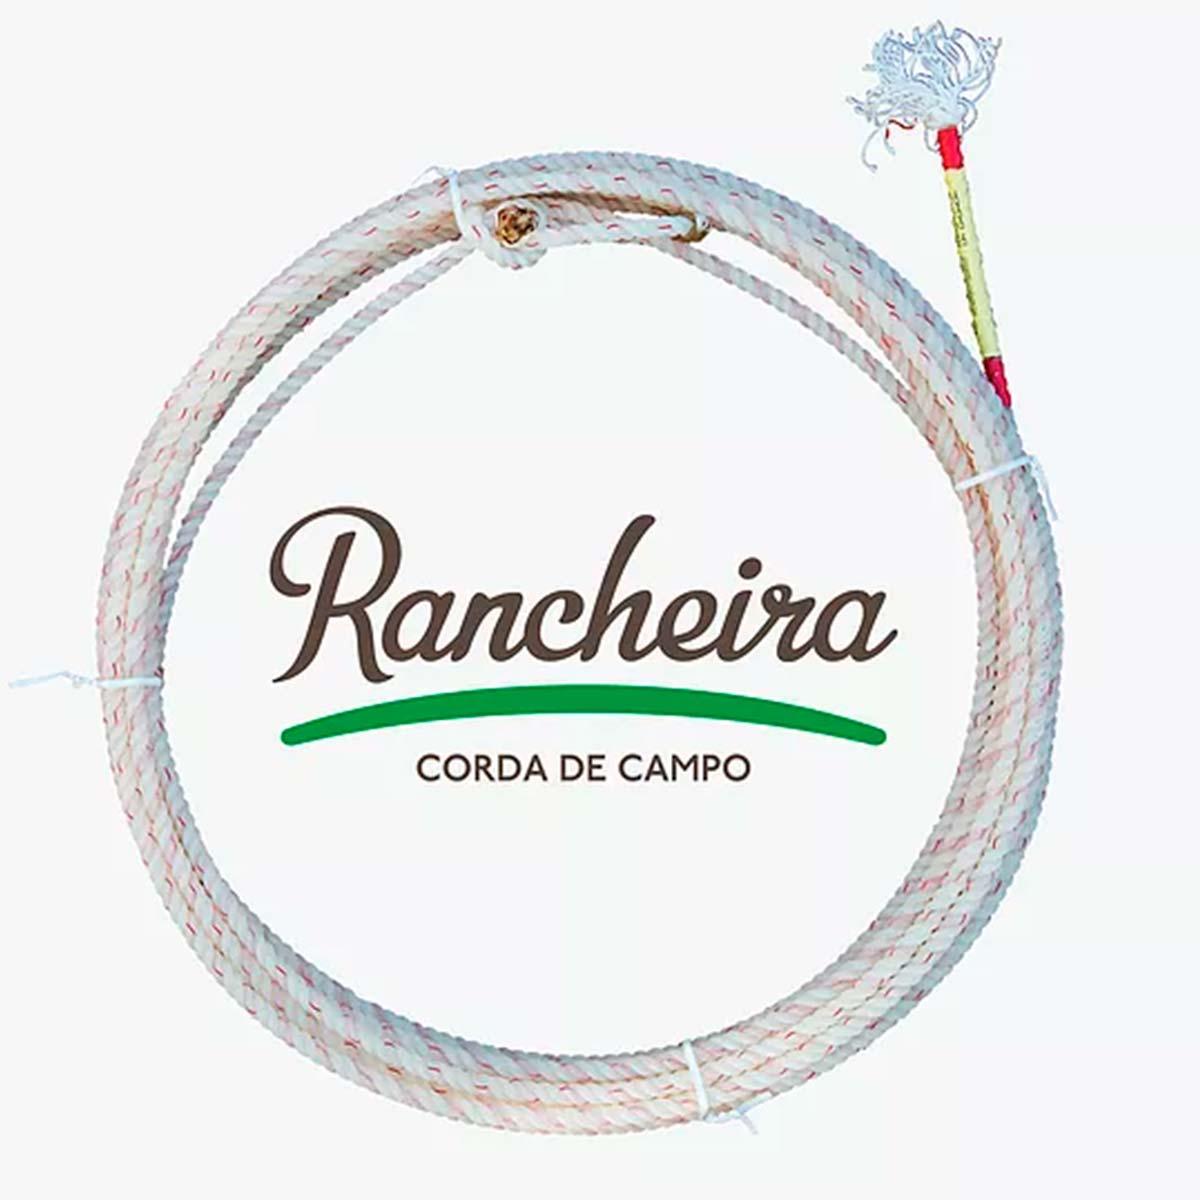 Corda Laço Precision Rancheira Corda De Campo 12 Metros